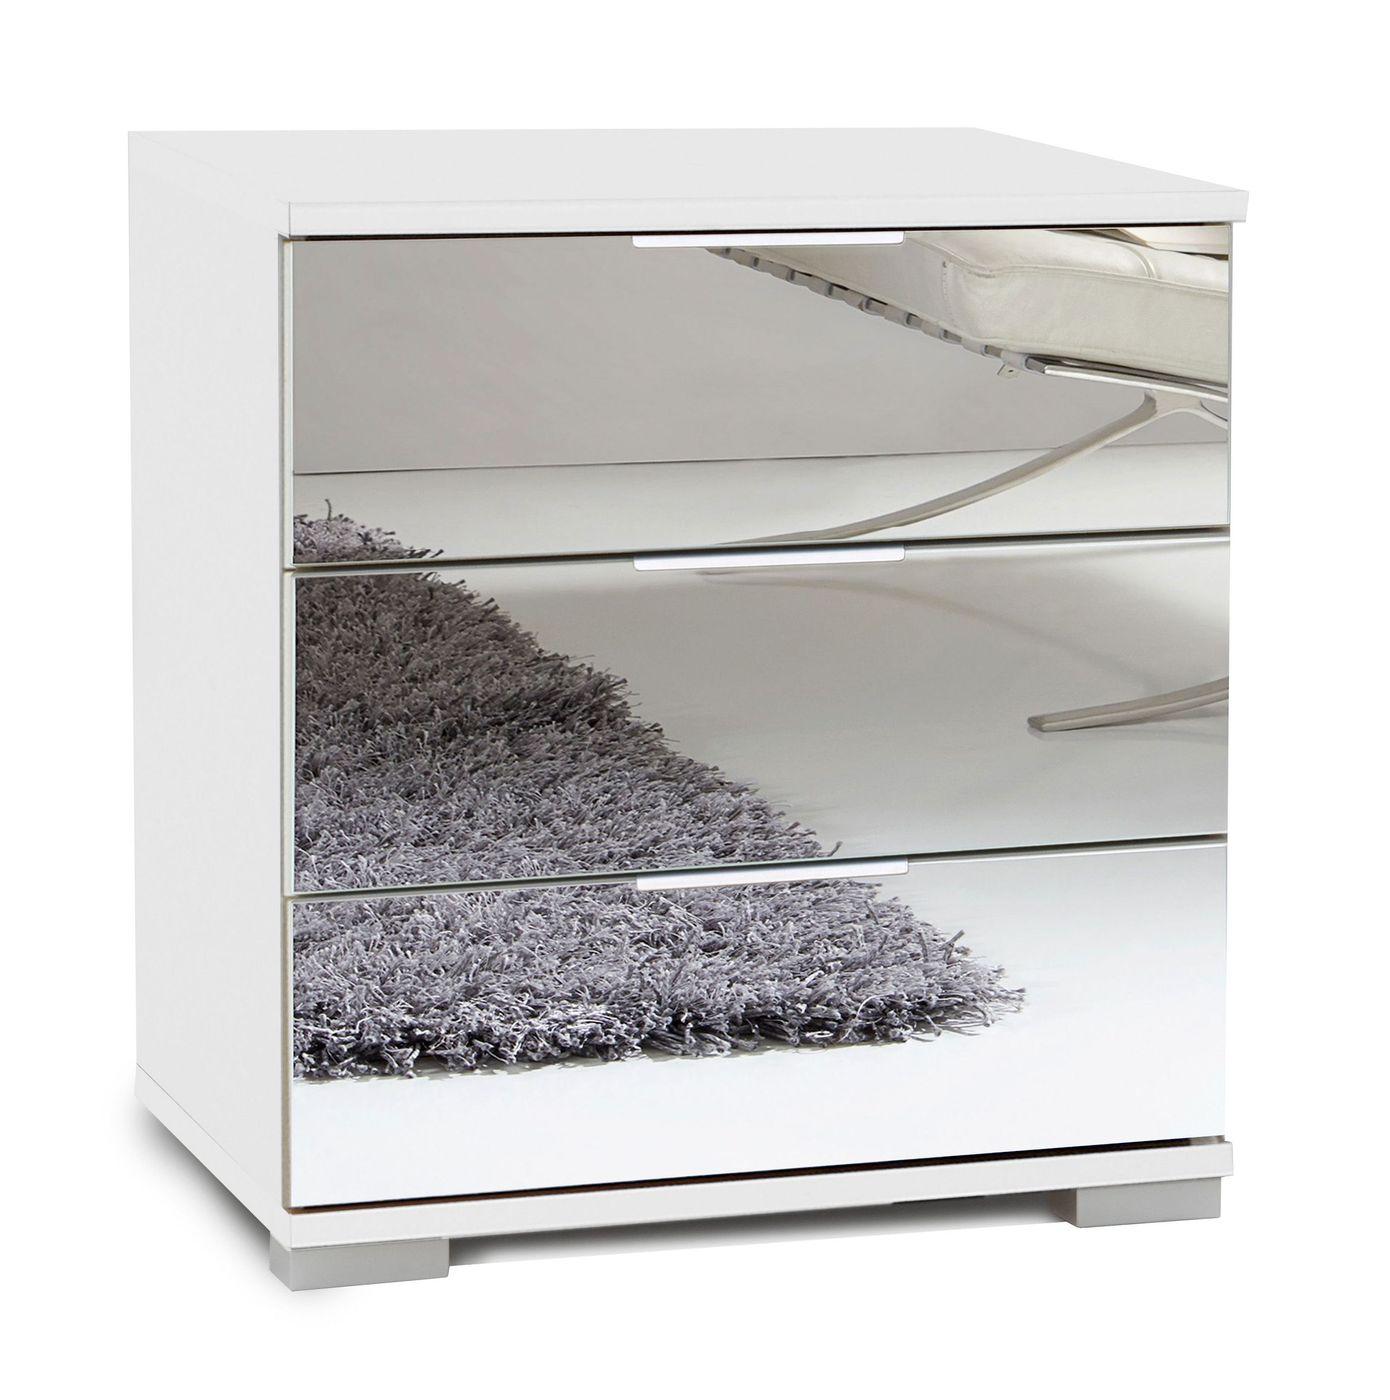 nachttisch spiegel jan kurtz dina nachttisch weigestell with nachttisch spiegel awesome der. Black Bedroom Furniture Sets. Home Design Ideas